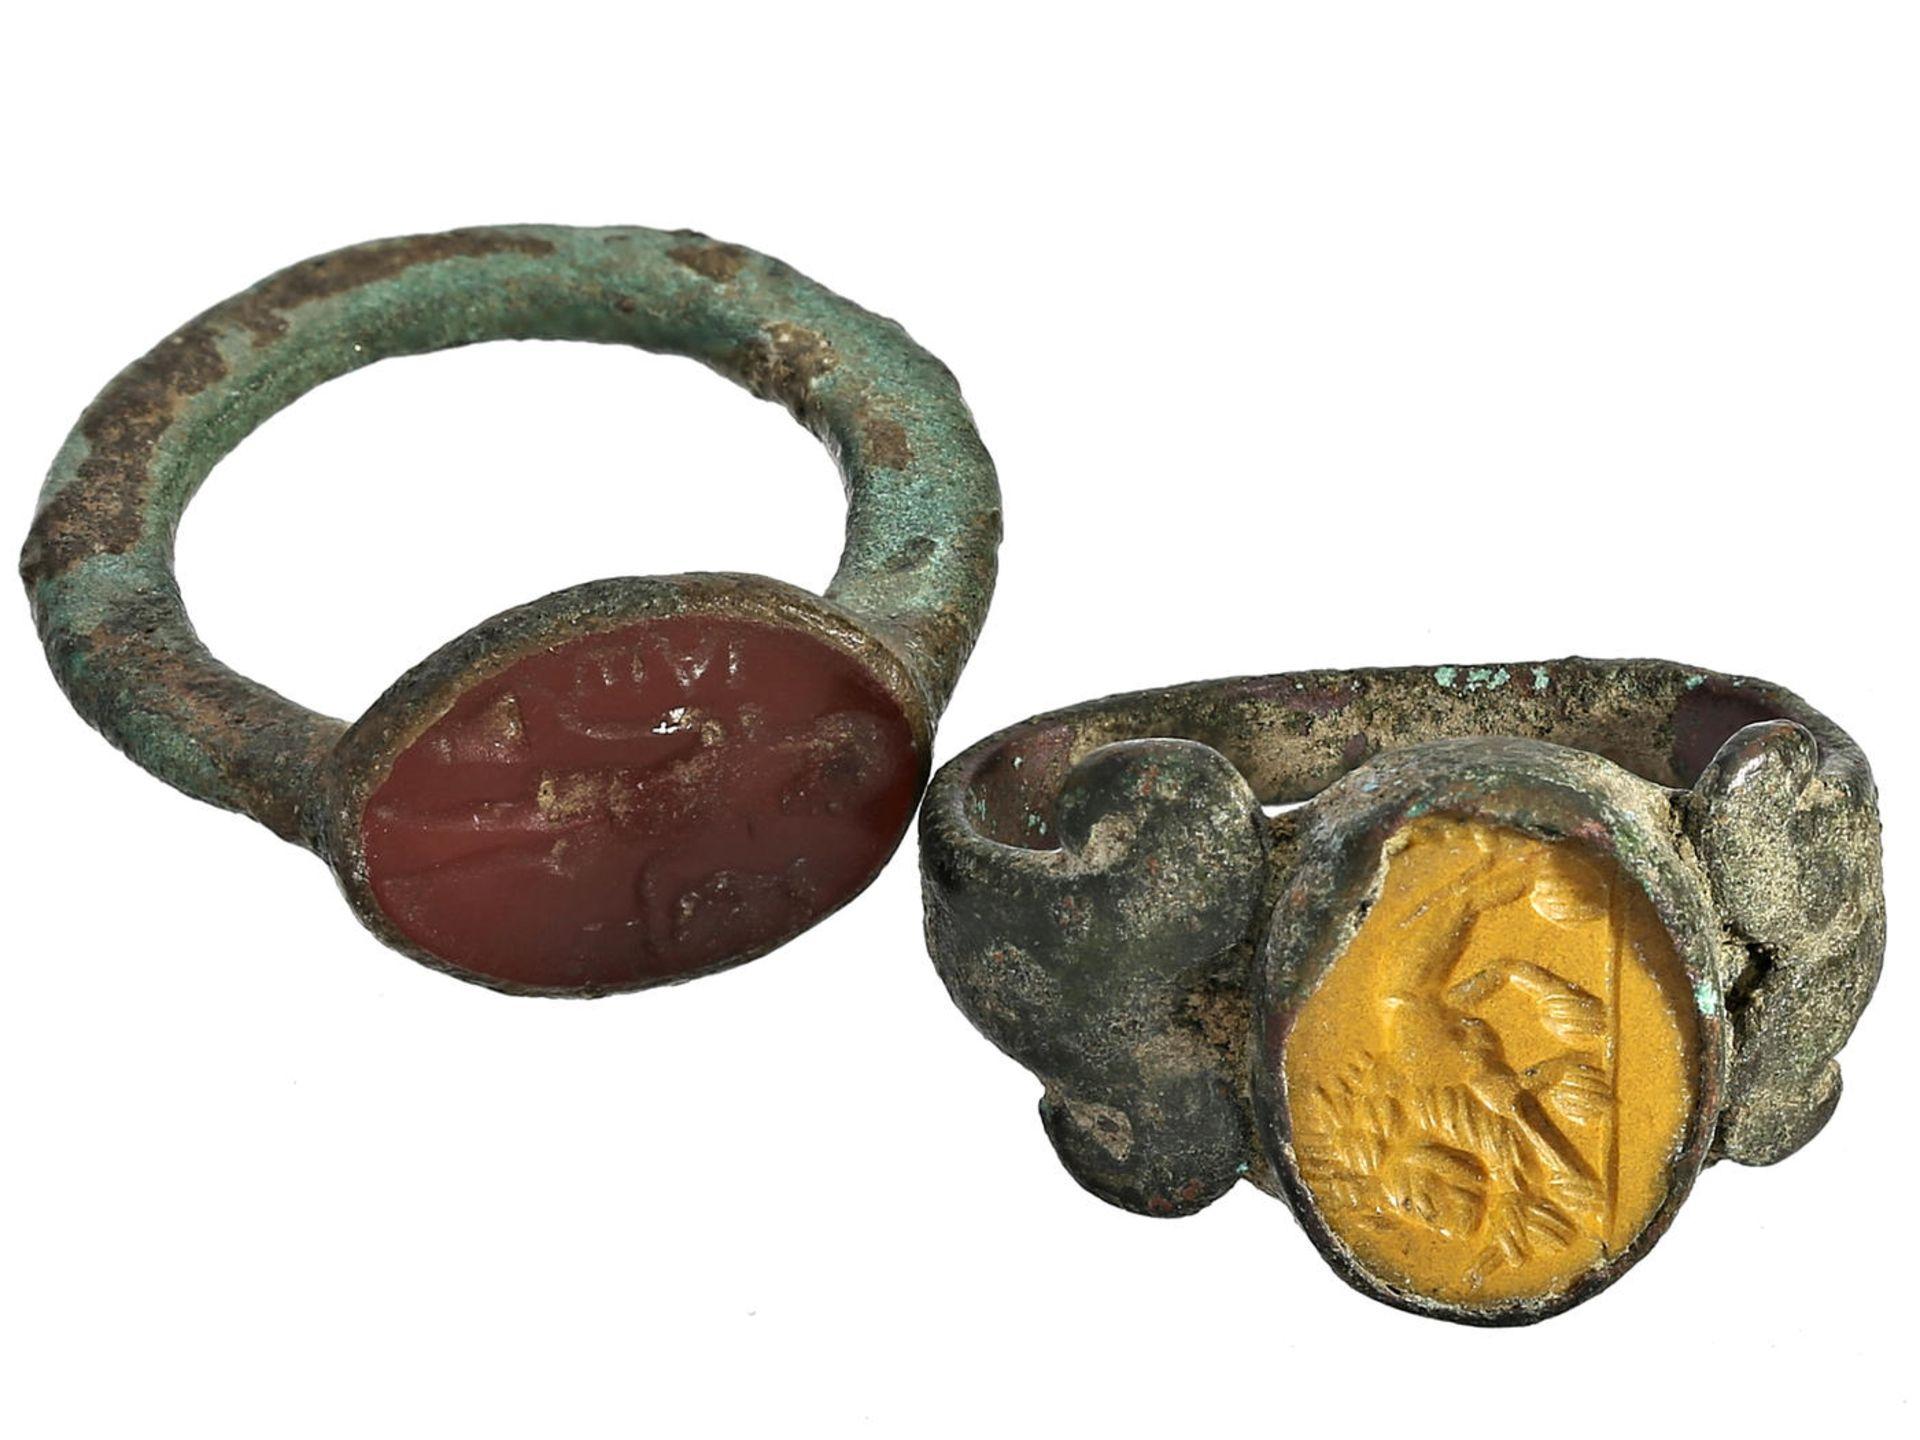 Los 6051 - Ring: seltene und sehr alte Siegelringe, vermutlich aus der Antike Patiniertes Metall, Siegelplatten